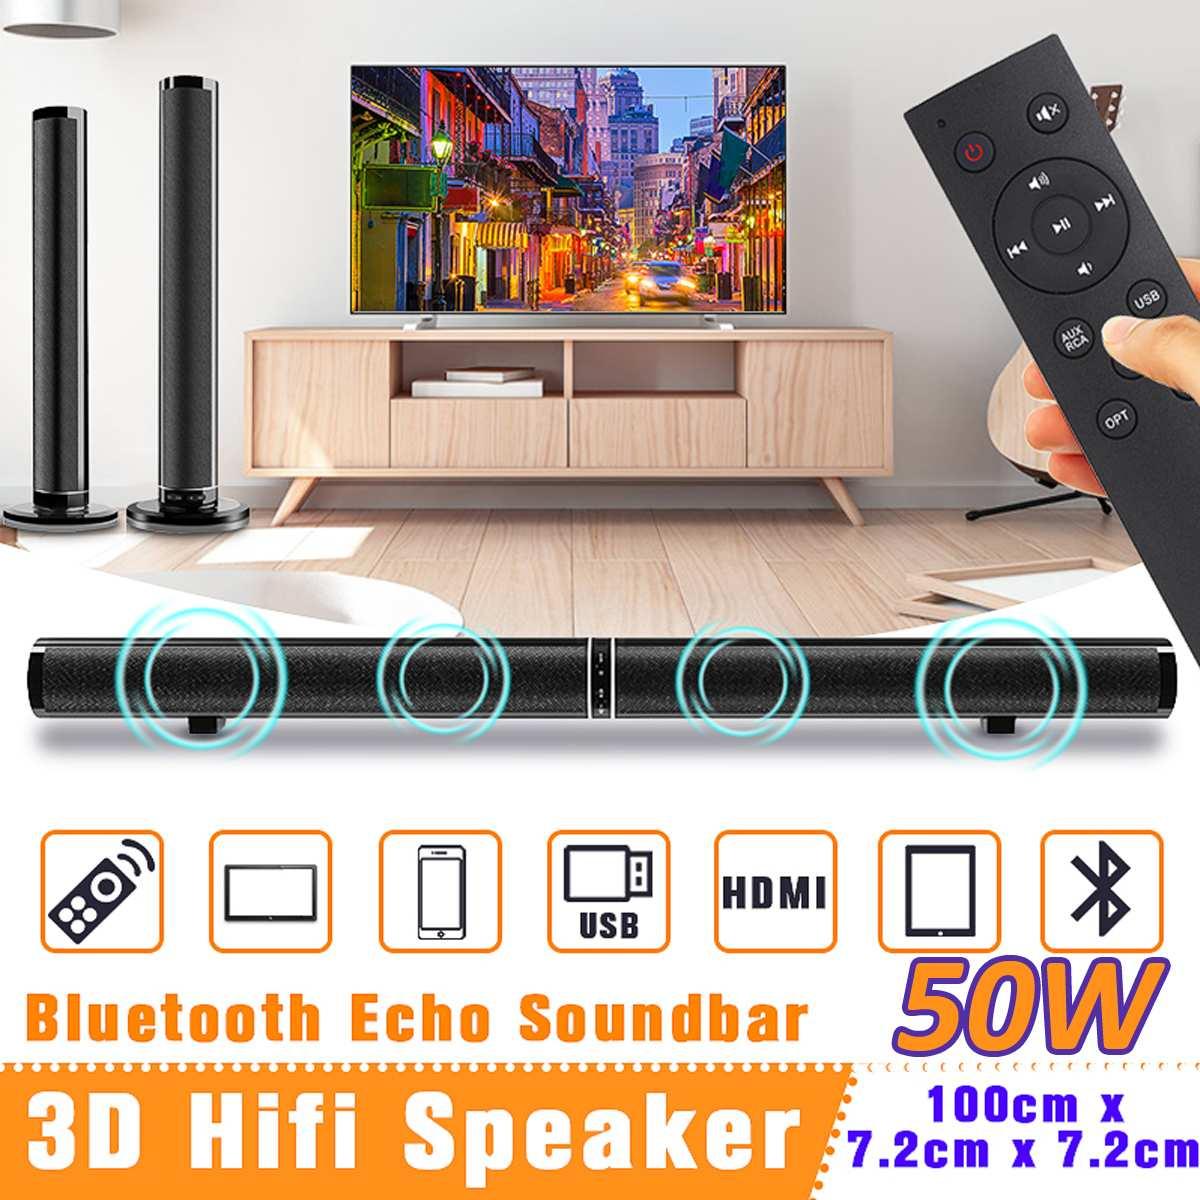 50 Вт беспроводной bluetooth ТВ звуковая панель динамик Sub НЧ динамик объемный стерео домашний кинотеатр система компьютерная стена Саундбар